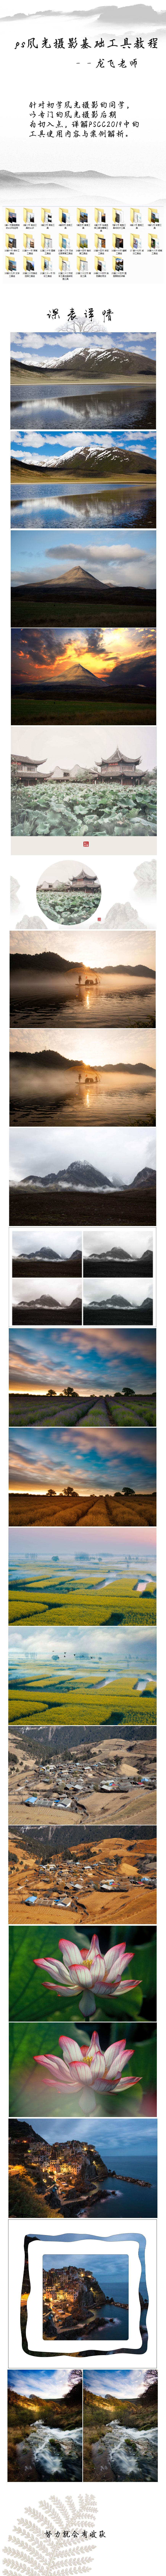 PS风光摄影基础工具教程